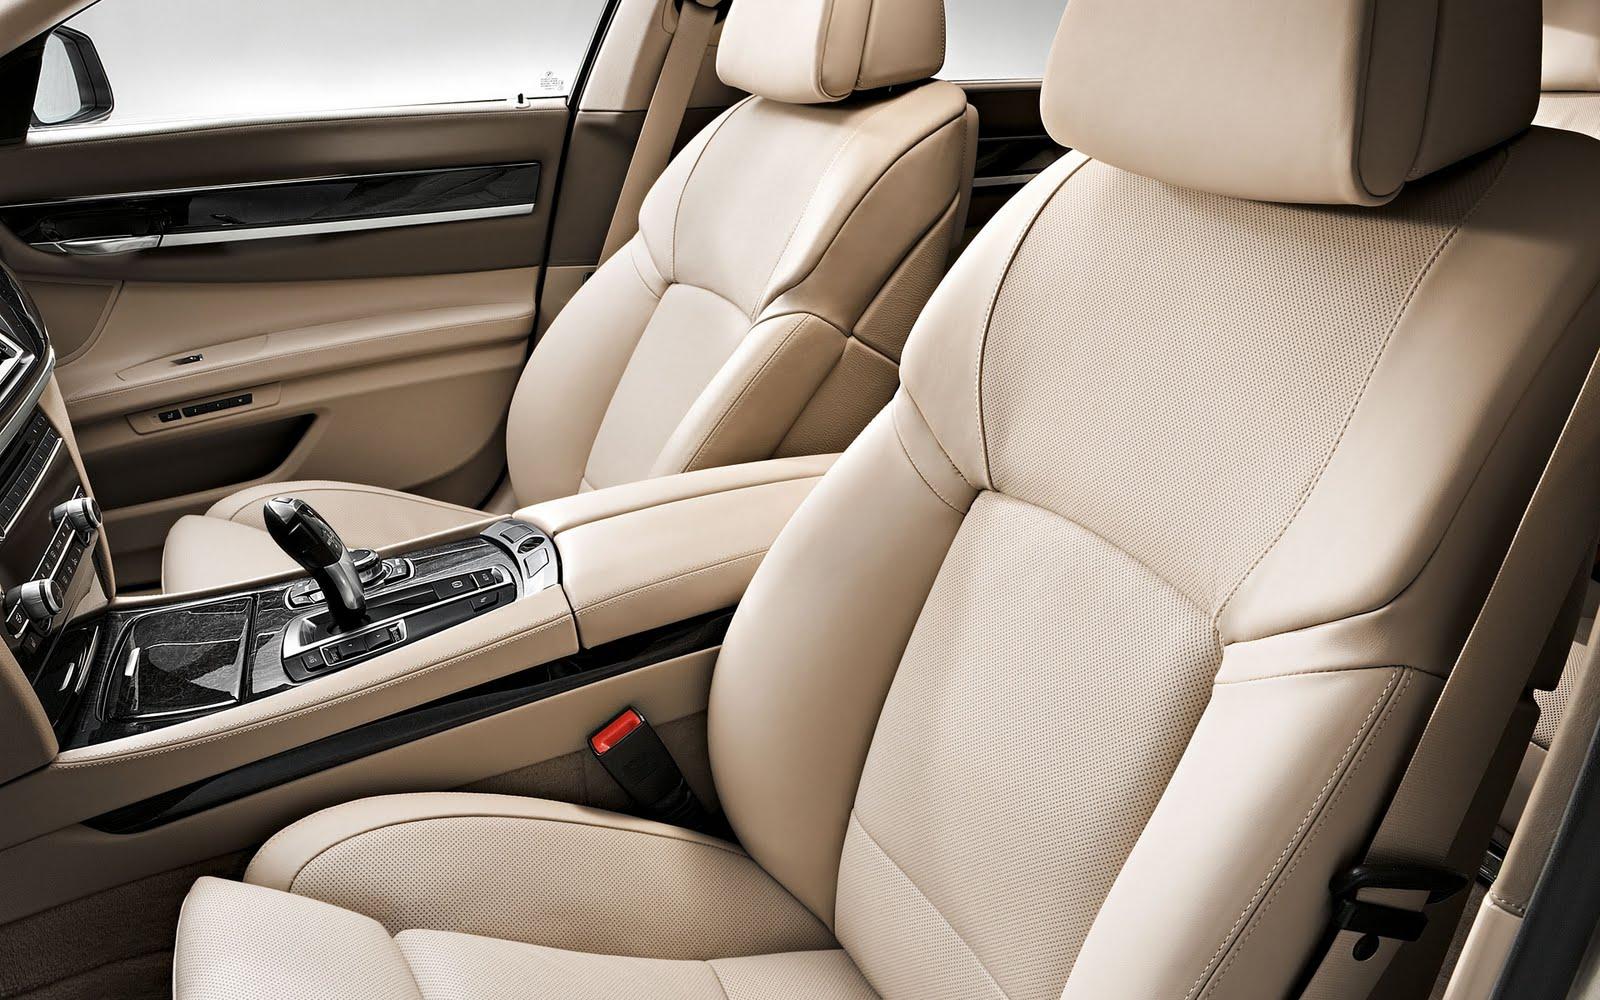 2011 BMW 750i Interior